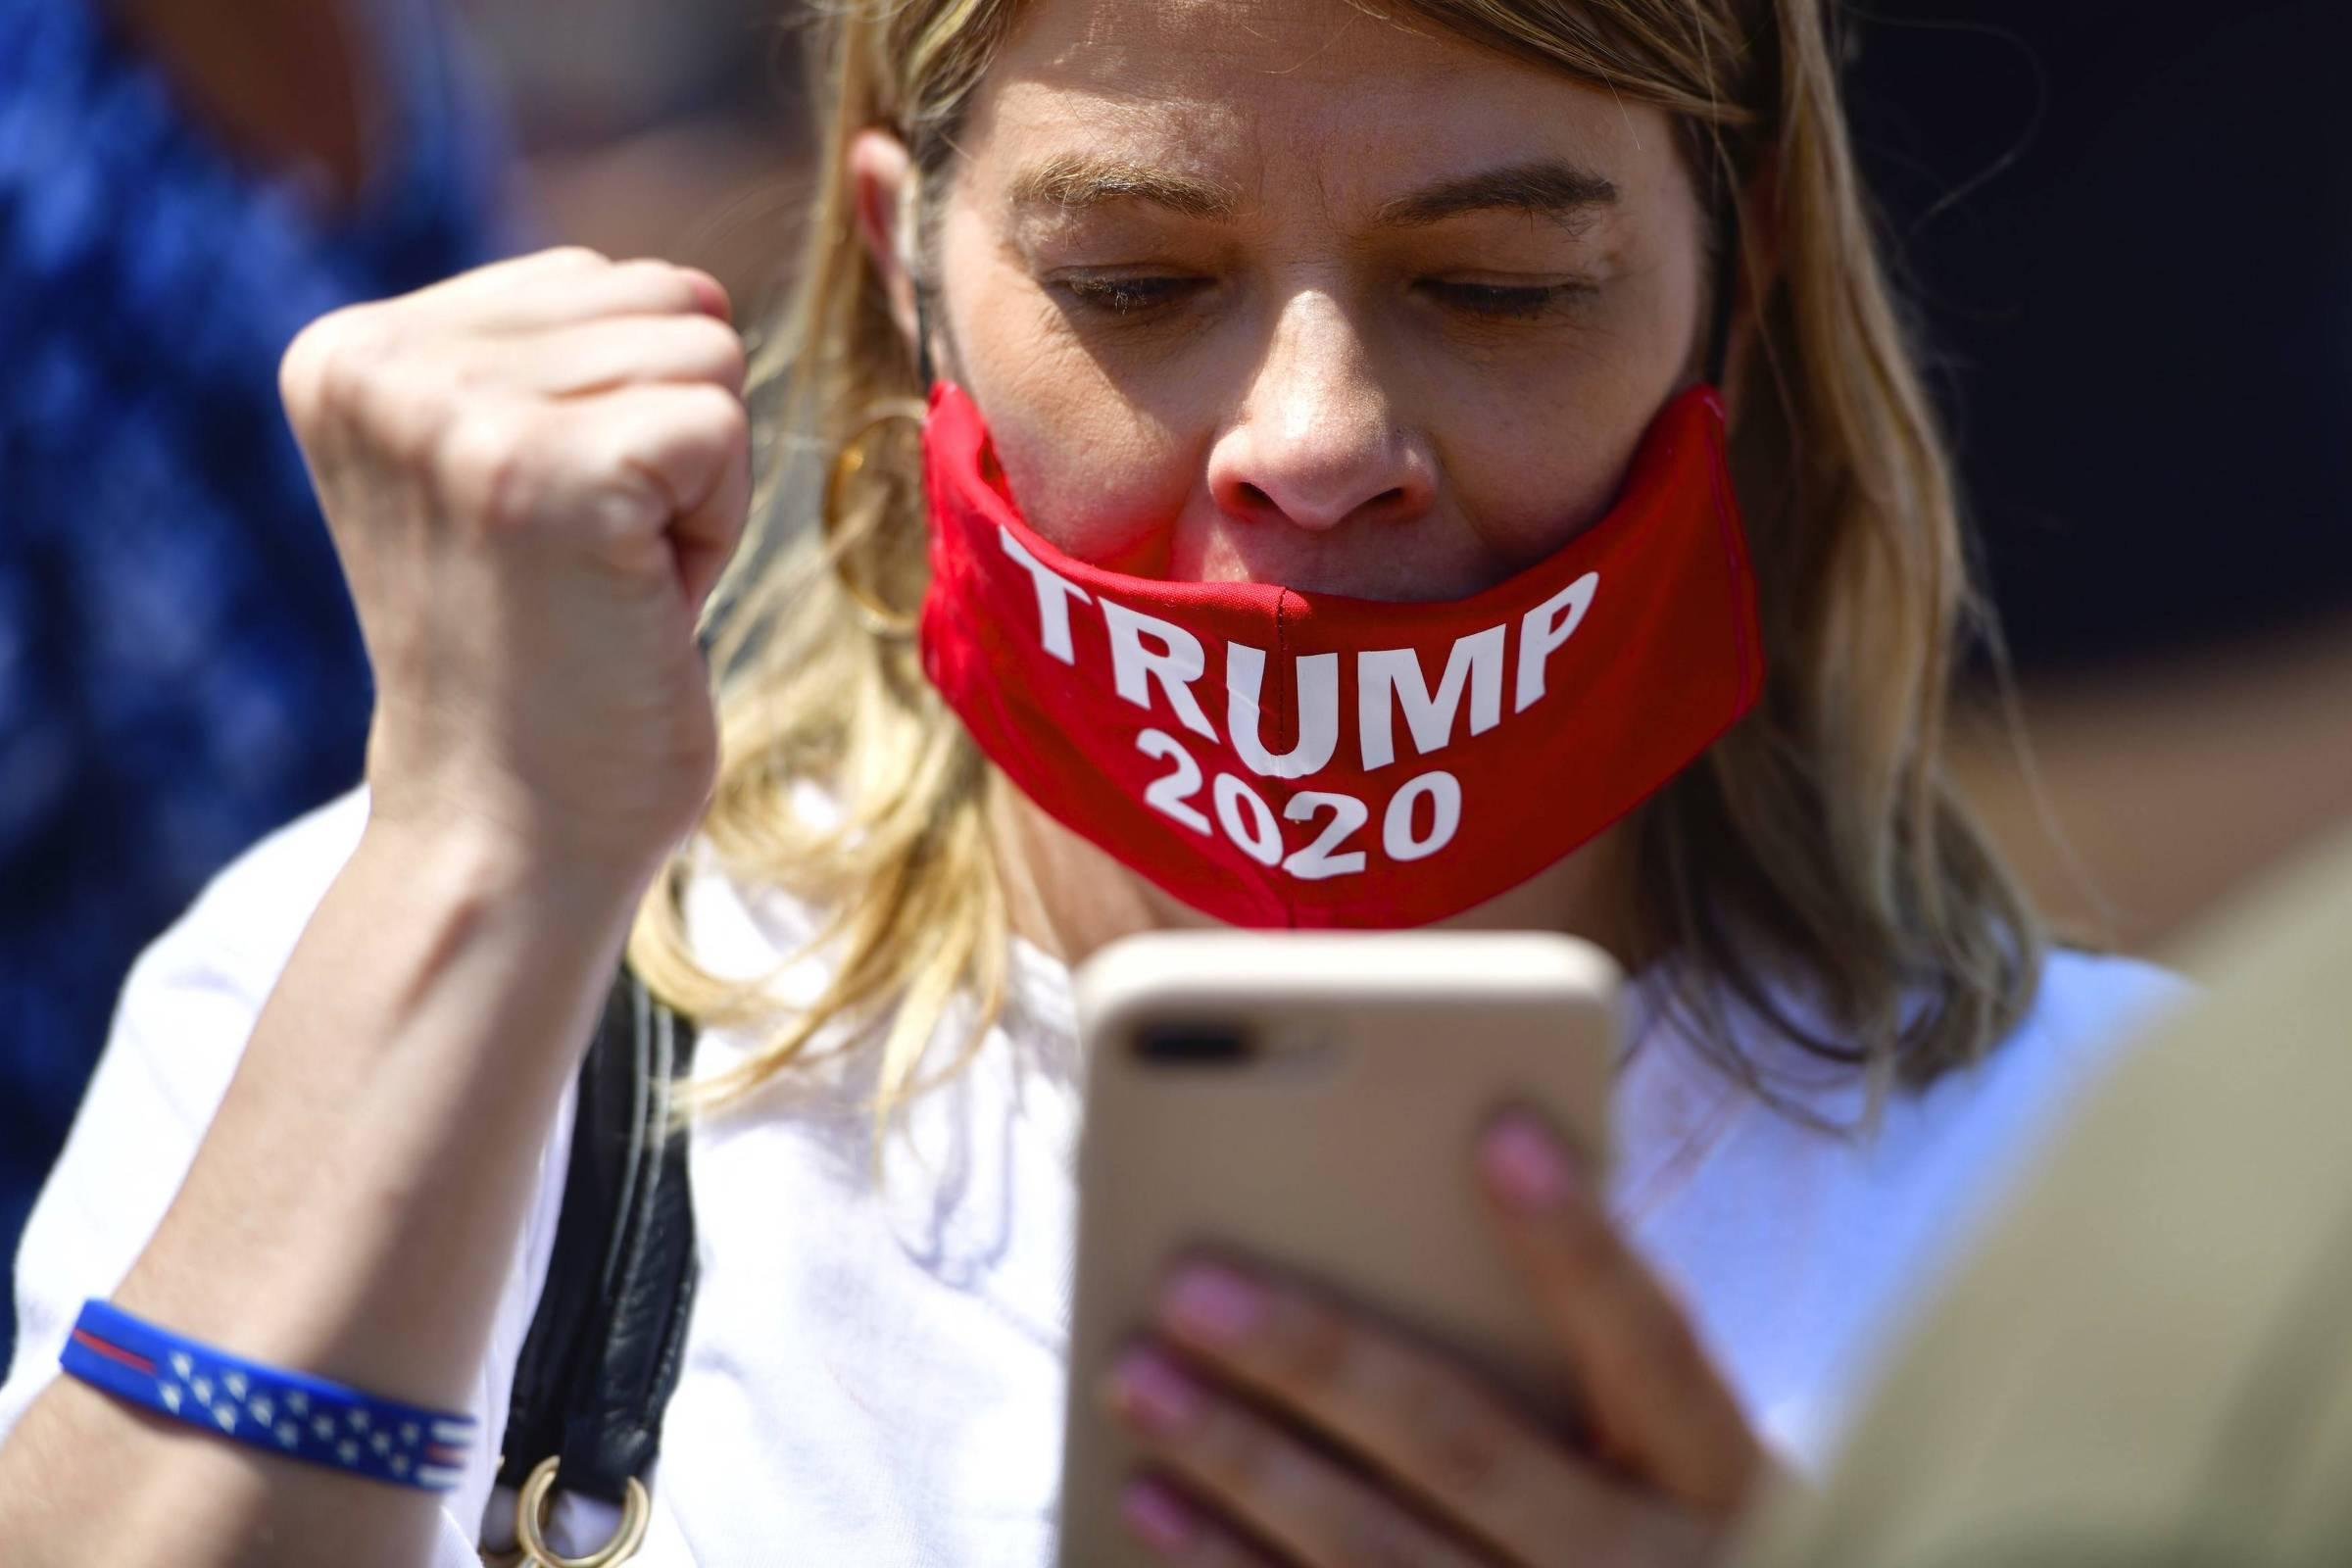 Campanha nos EUA aposta em geopropaganda para influenciar eleitores